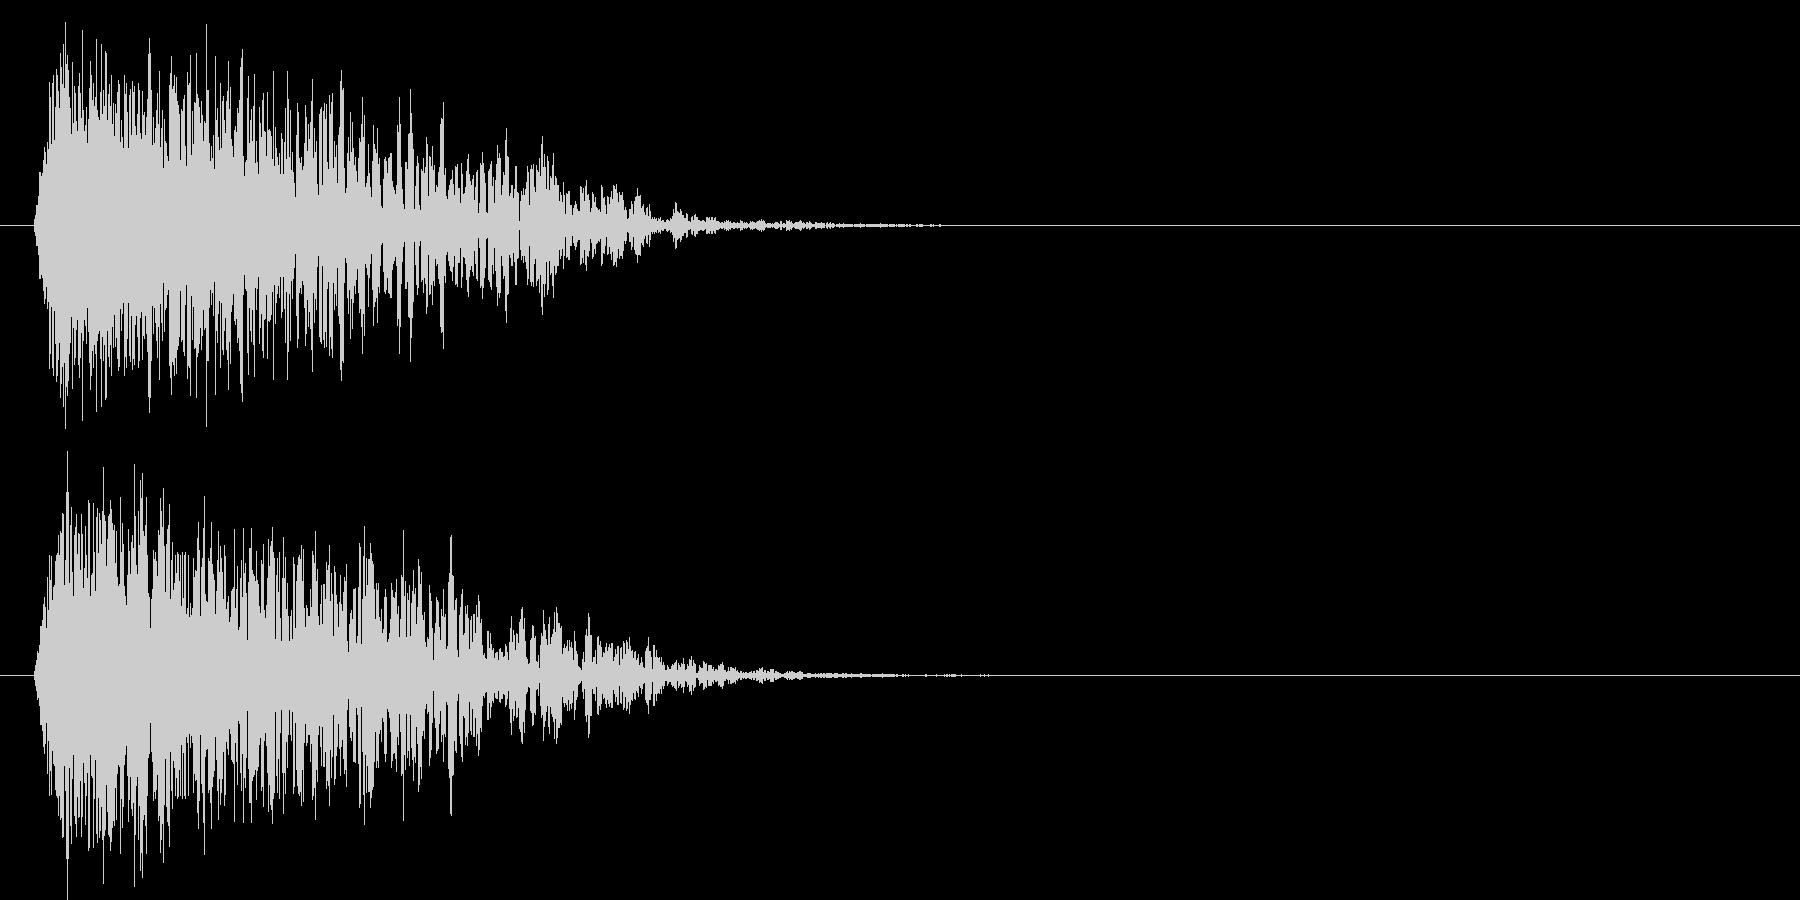 シュァキーン(ダークな斬撃音)の未再生の波形